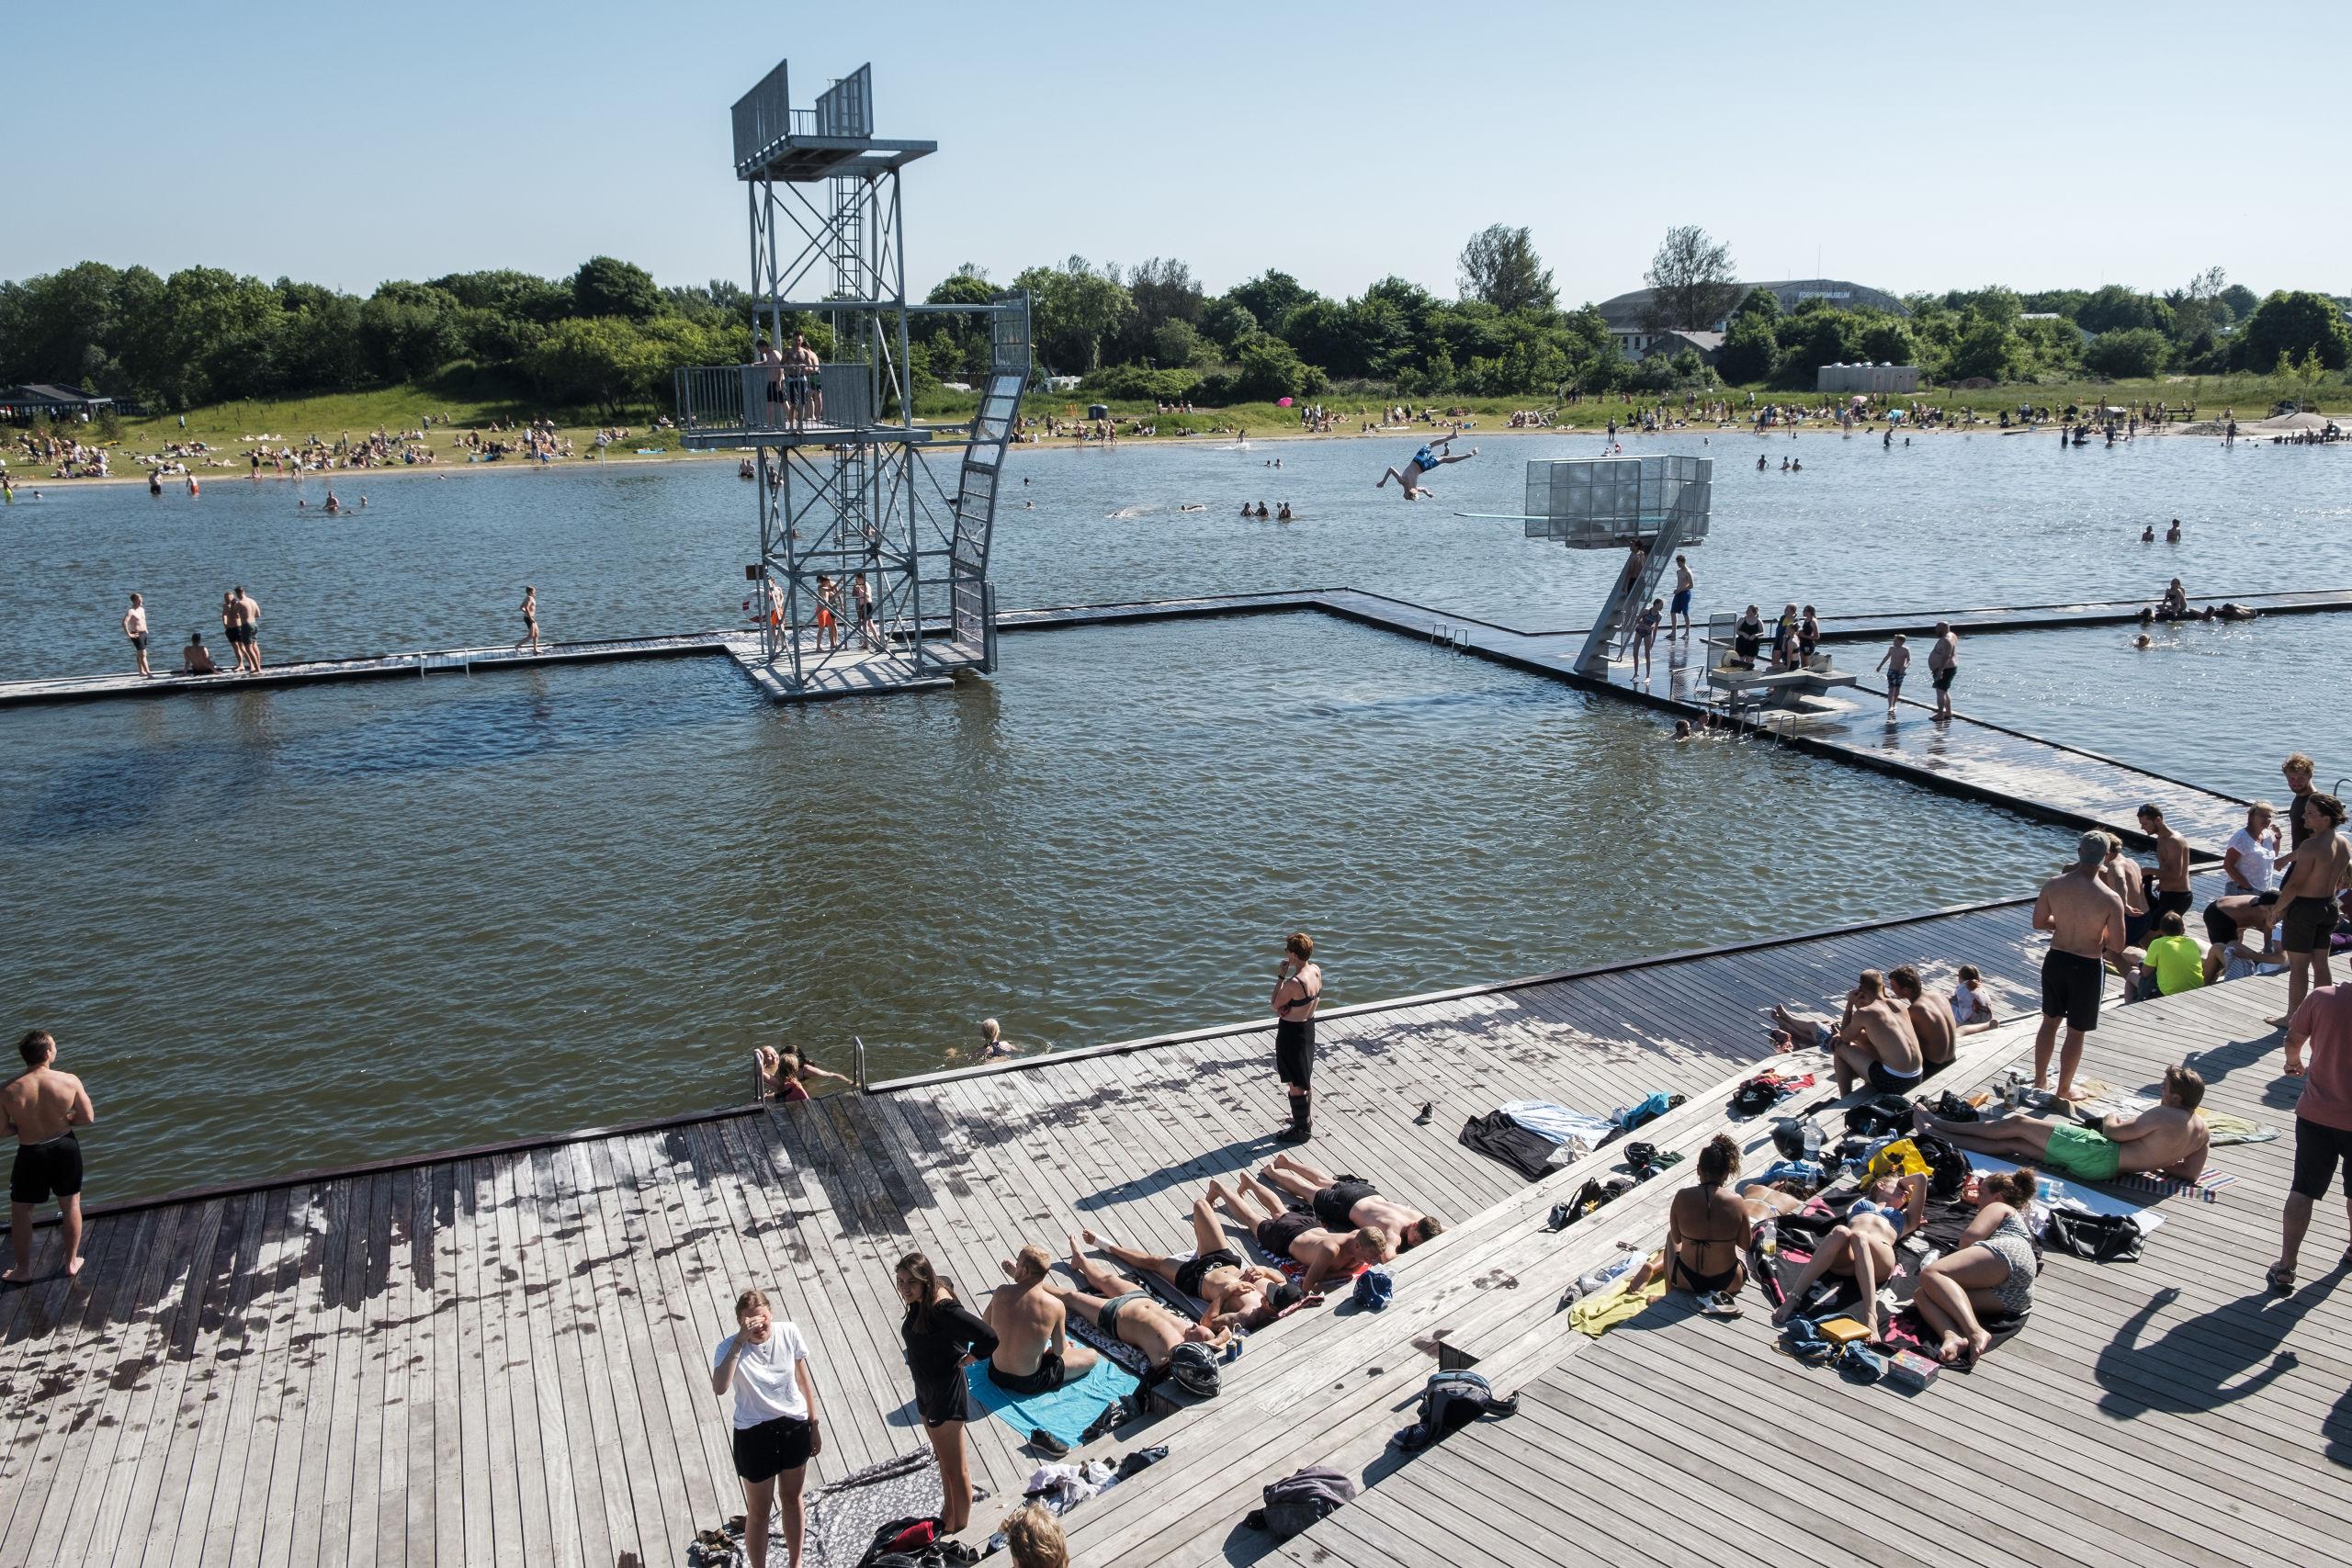 Vand, varme og sol er lokkemidlerne, når publikum i stort tal søger ud til Vestre Fjordpark i Aalborgs vestby for at nyde livet og en tur i det friske fjordvand. Arkivfoto: Lasse Sand